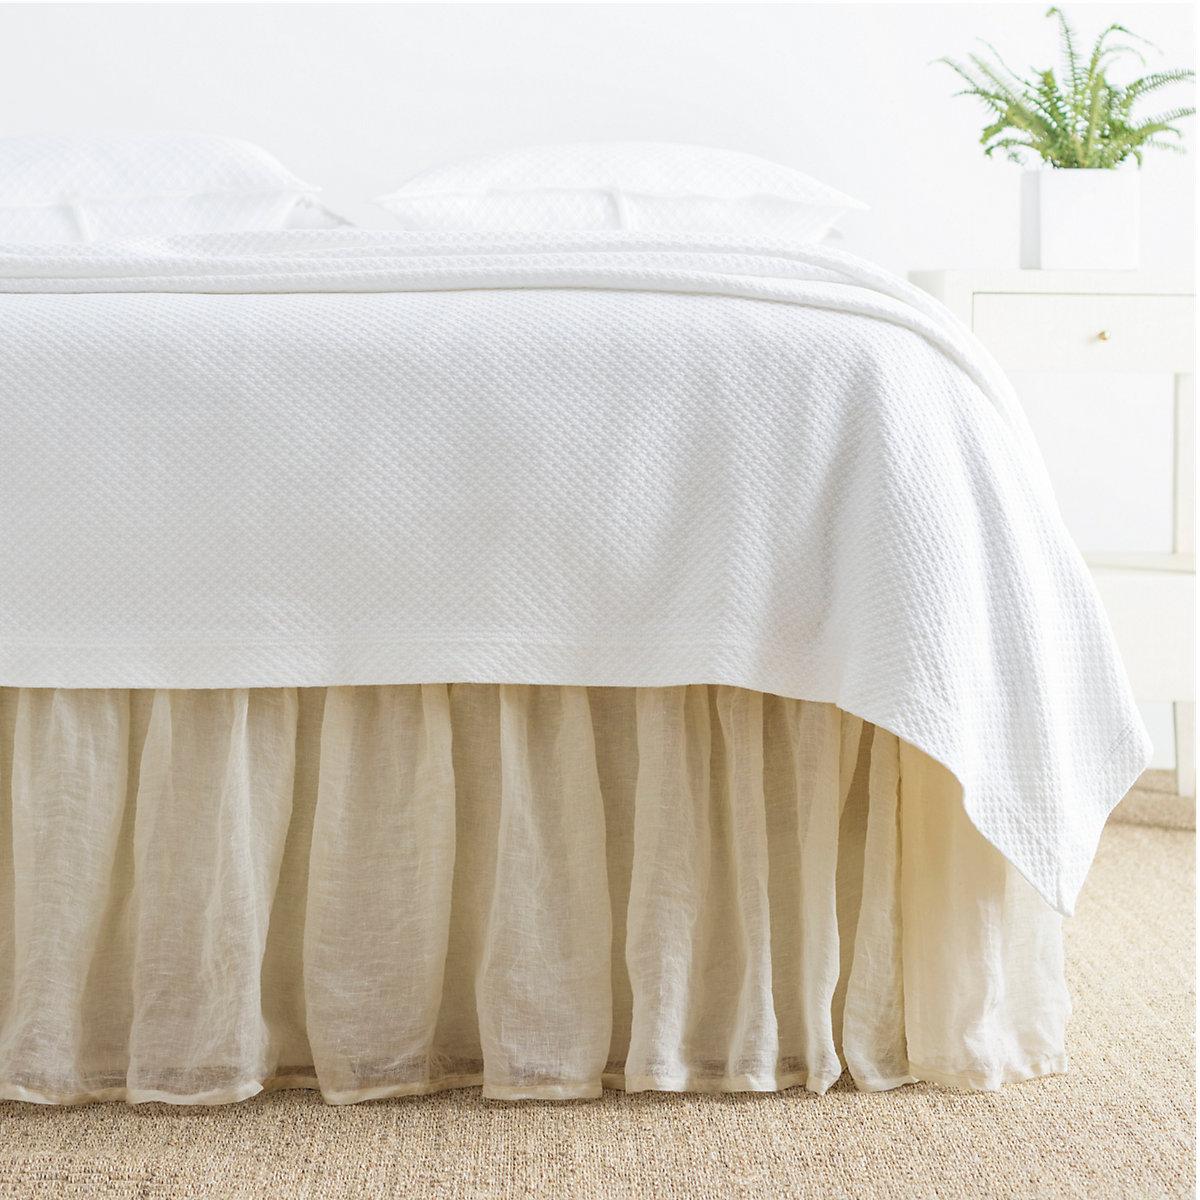 Bed Skirt Saved Crochet Edge Scalloped Cotton Bed Skirt